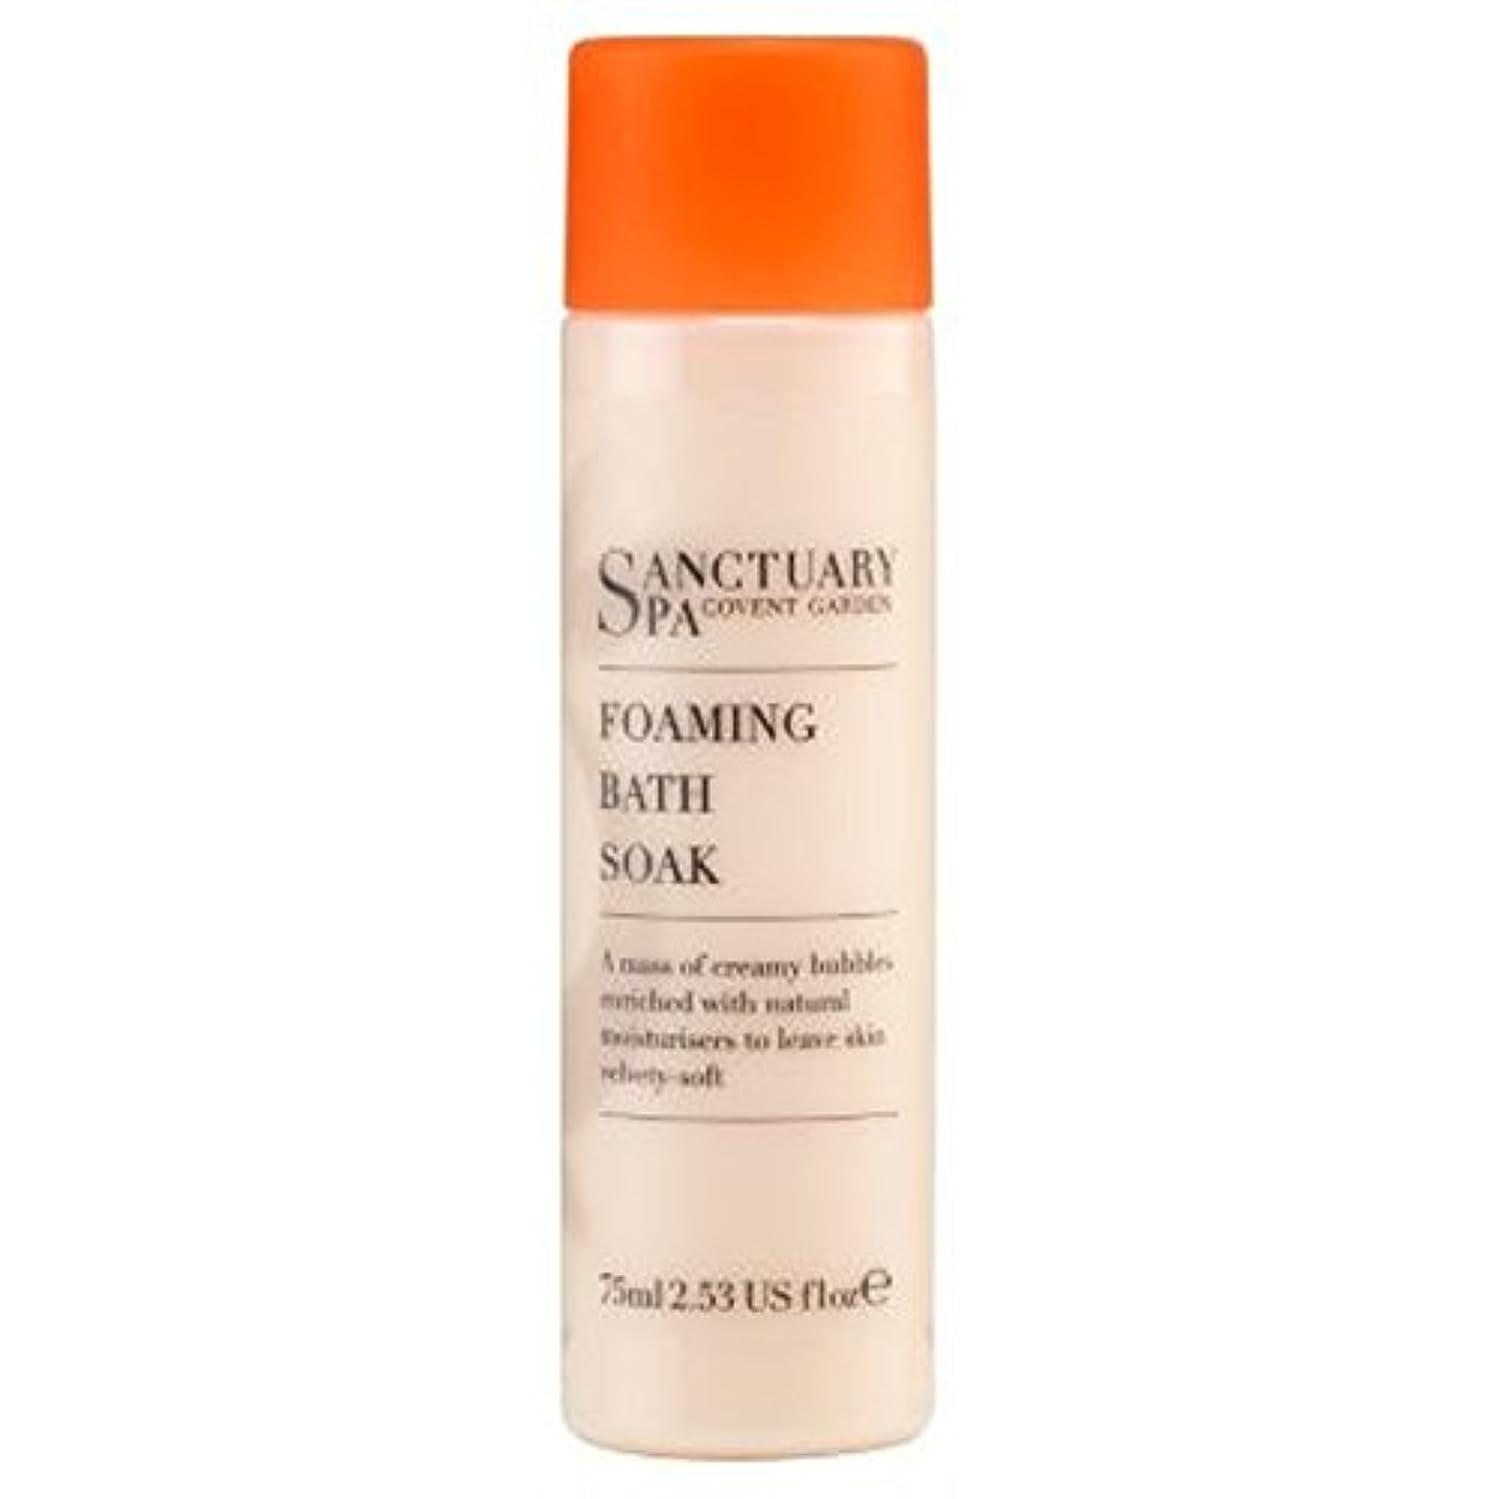 振る舞う余暇競争聖域ミニ75ミリリットルを浸し風呂発泡 (Sanctuary) (x2) - Sanctuary mini Foaming Bath Soak 75ml (Pack of 2) [並行輸入品]